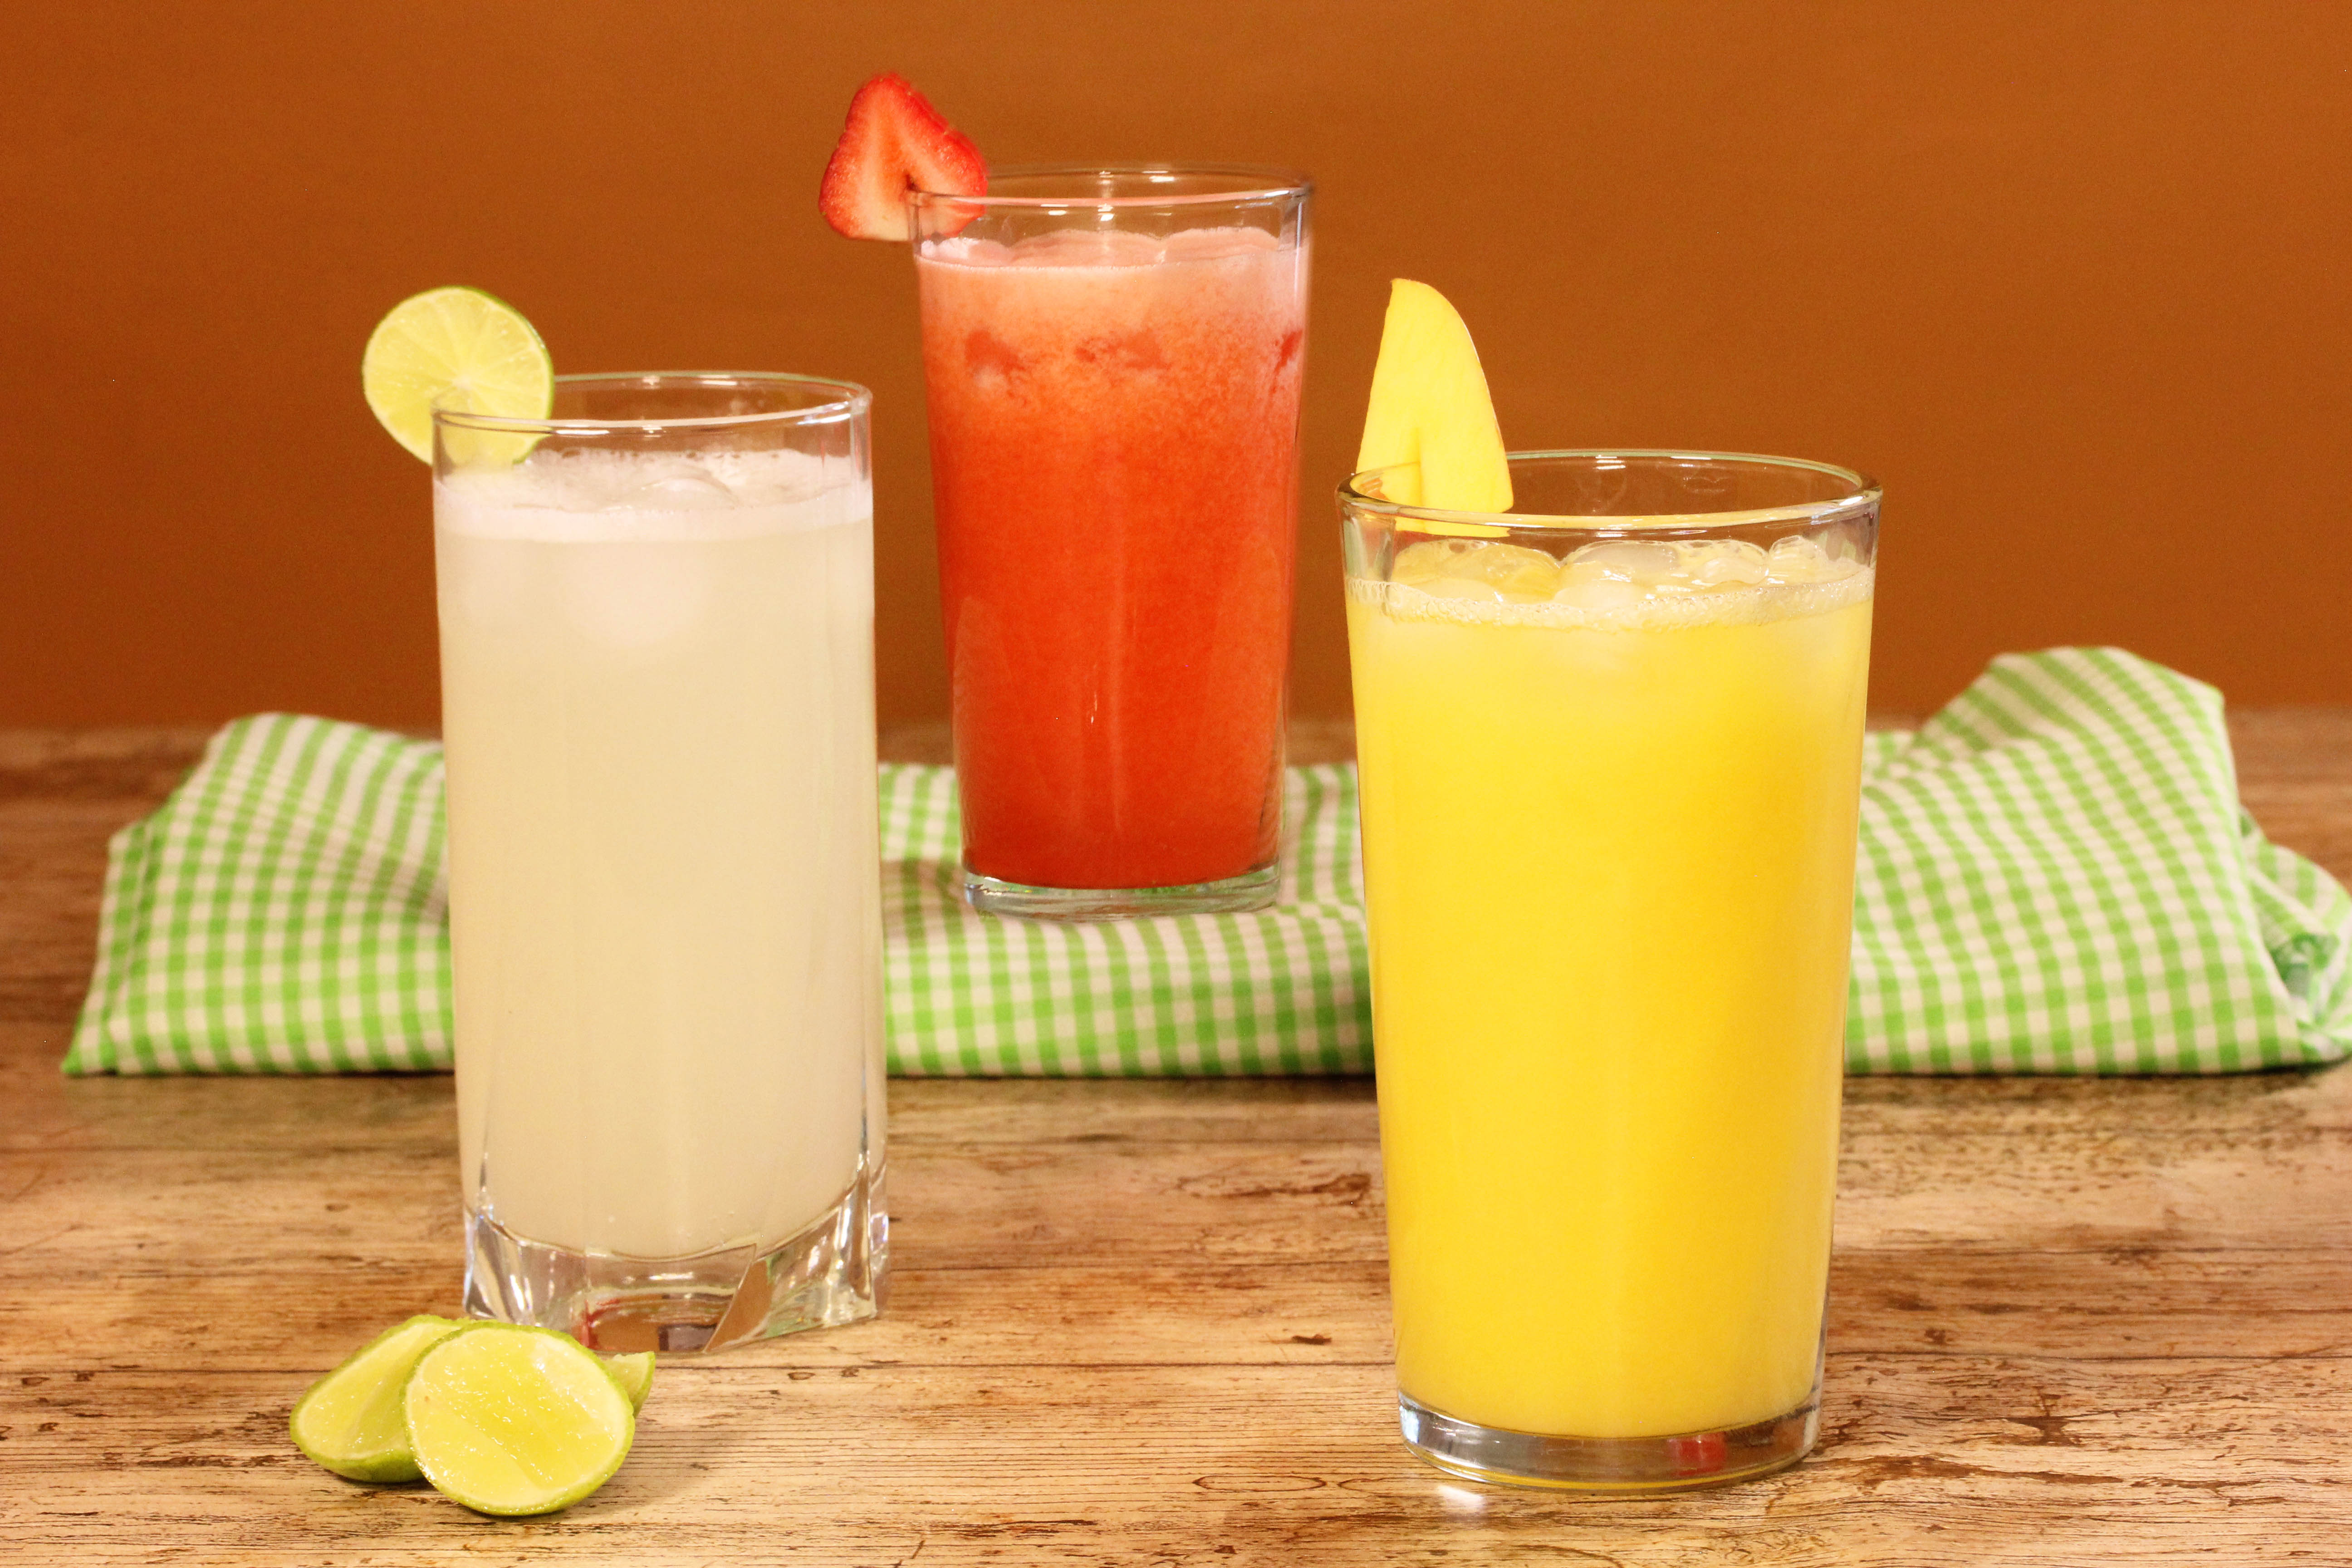 Receta para pteparar trío de limonadas